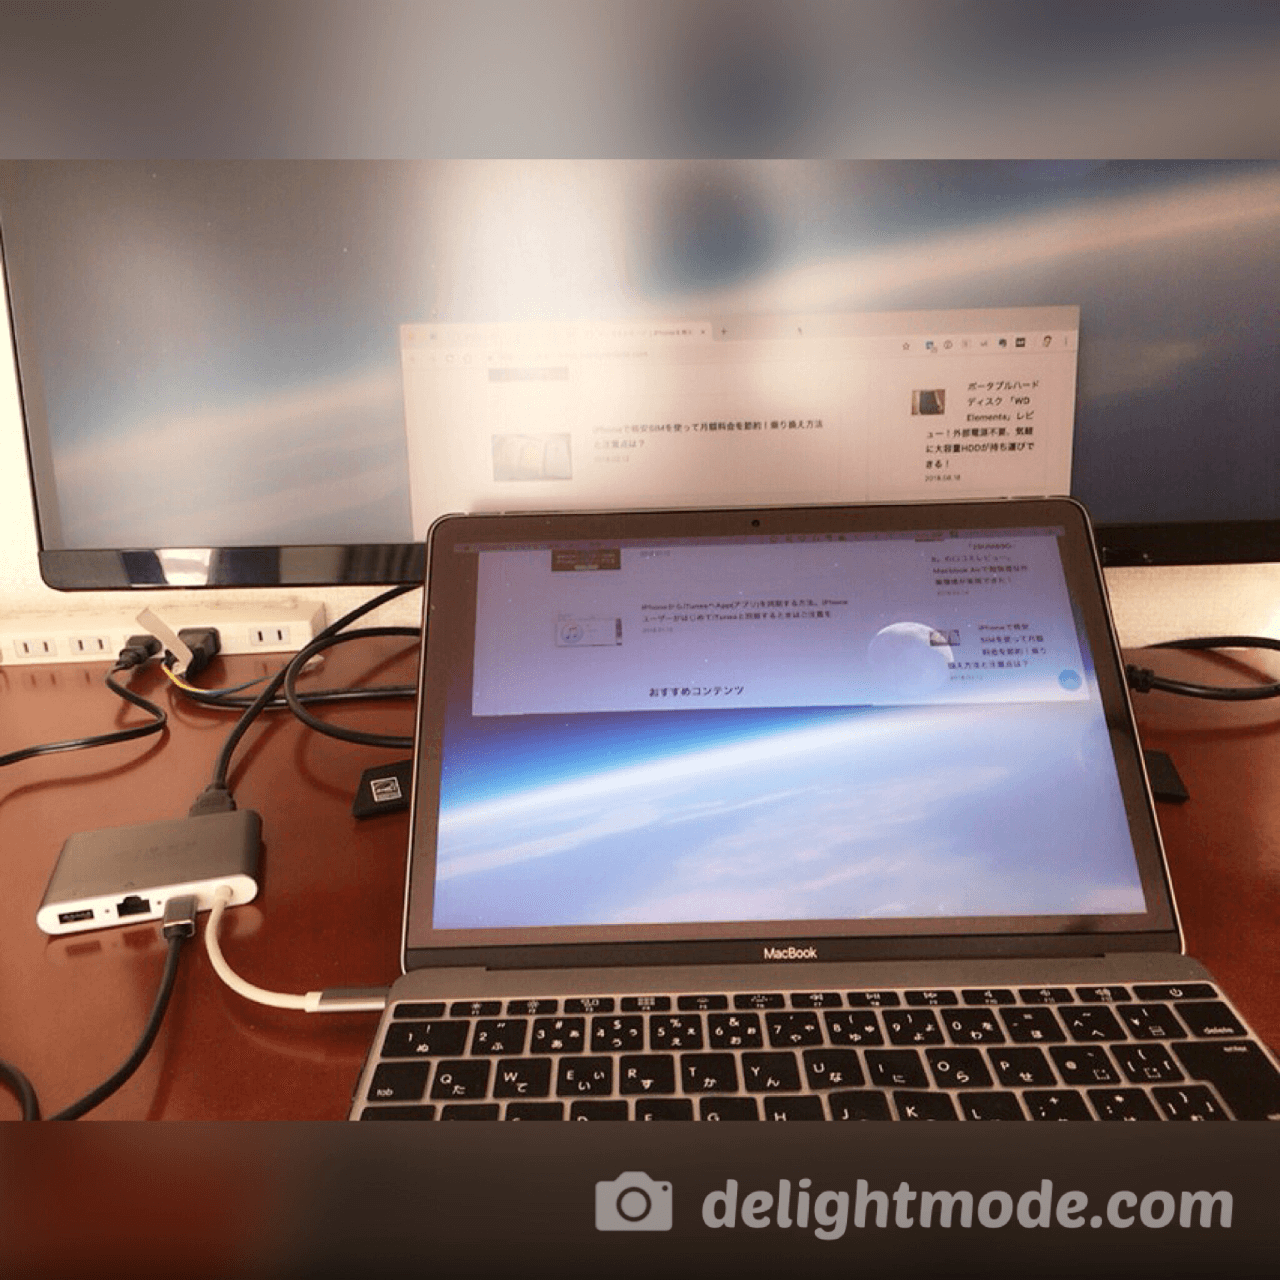 多機能ハブ「RDII C071」を使ってウルトラワイドモニターにHDMI映像出力しているところです。